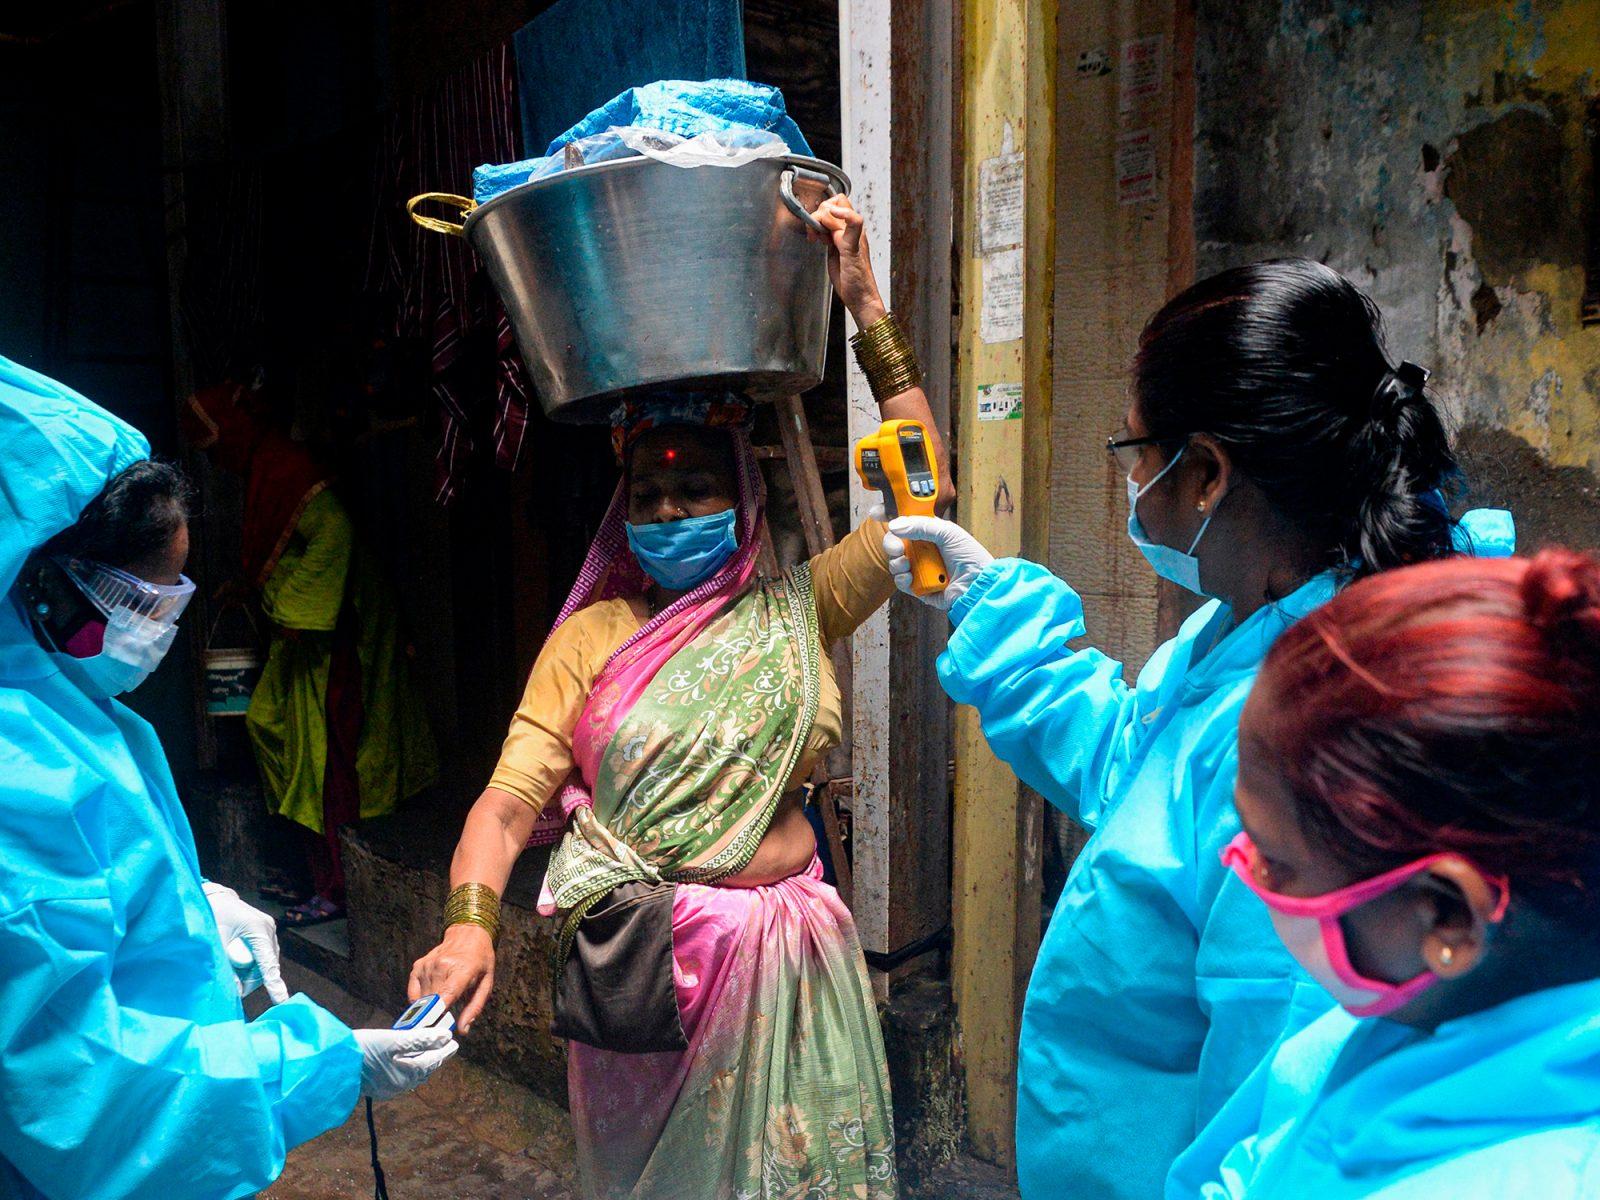 Ινδία- εμβολιασμός: Σε ετοιμότητα για τον εμβολιασμό καθημερινά 1εκ. ανθρώπων